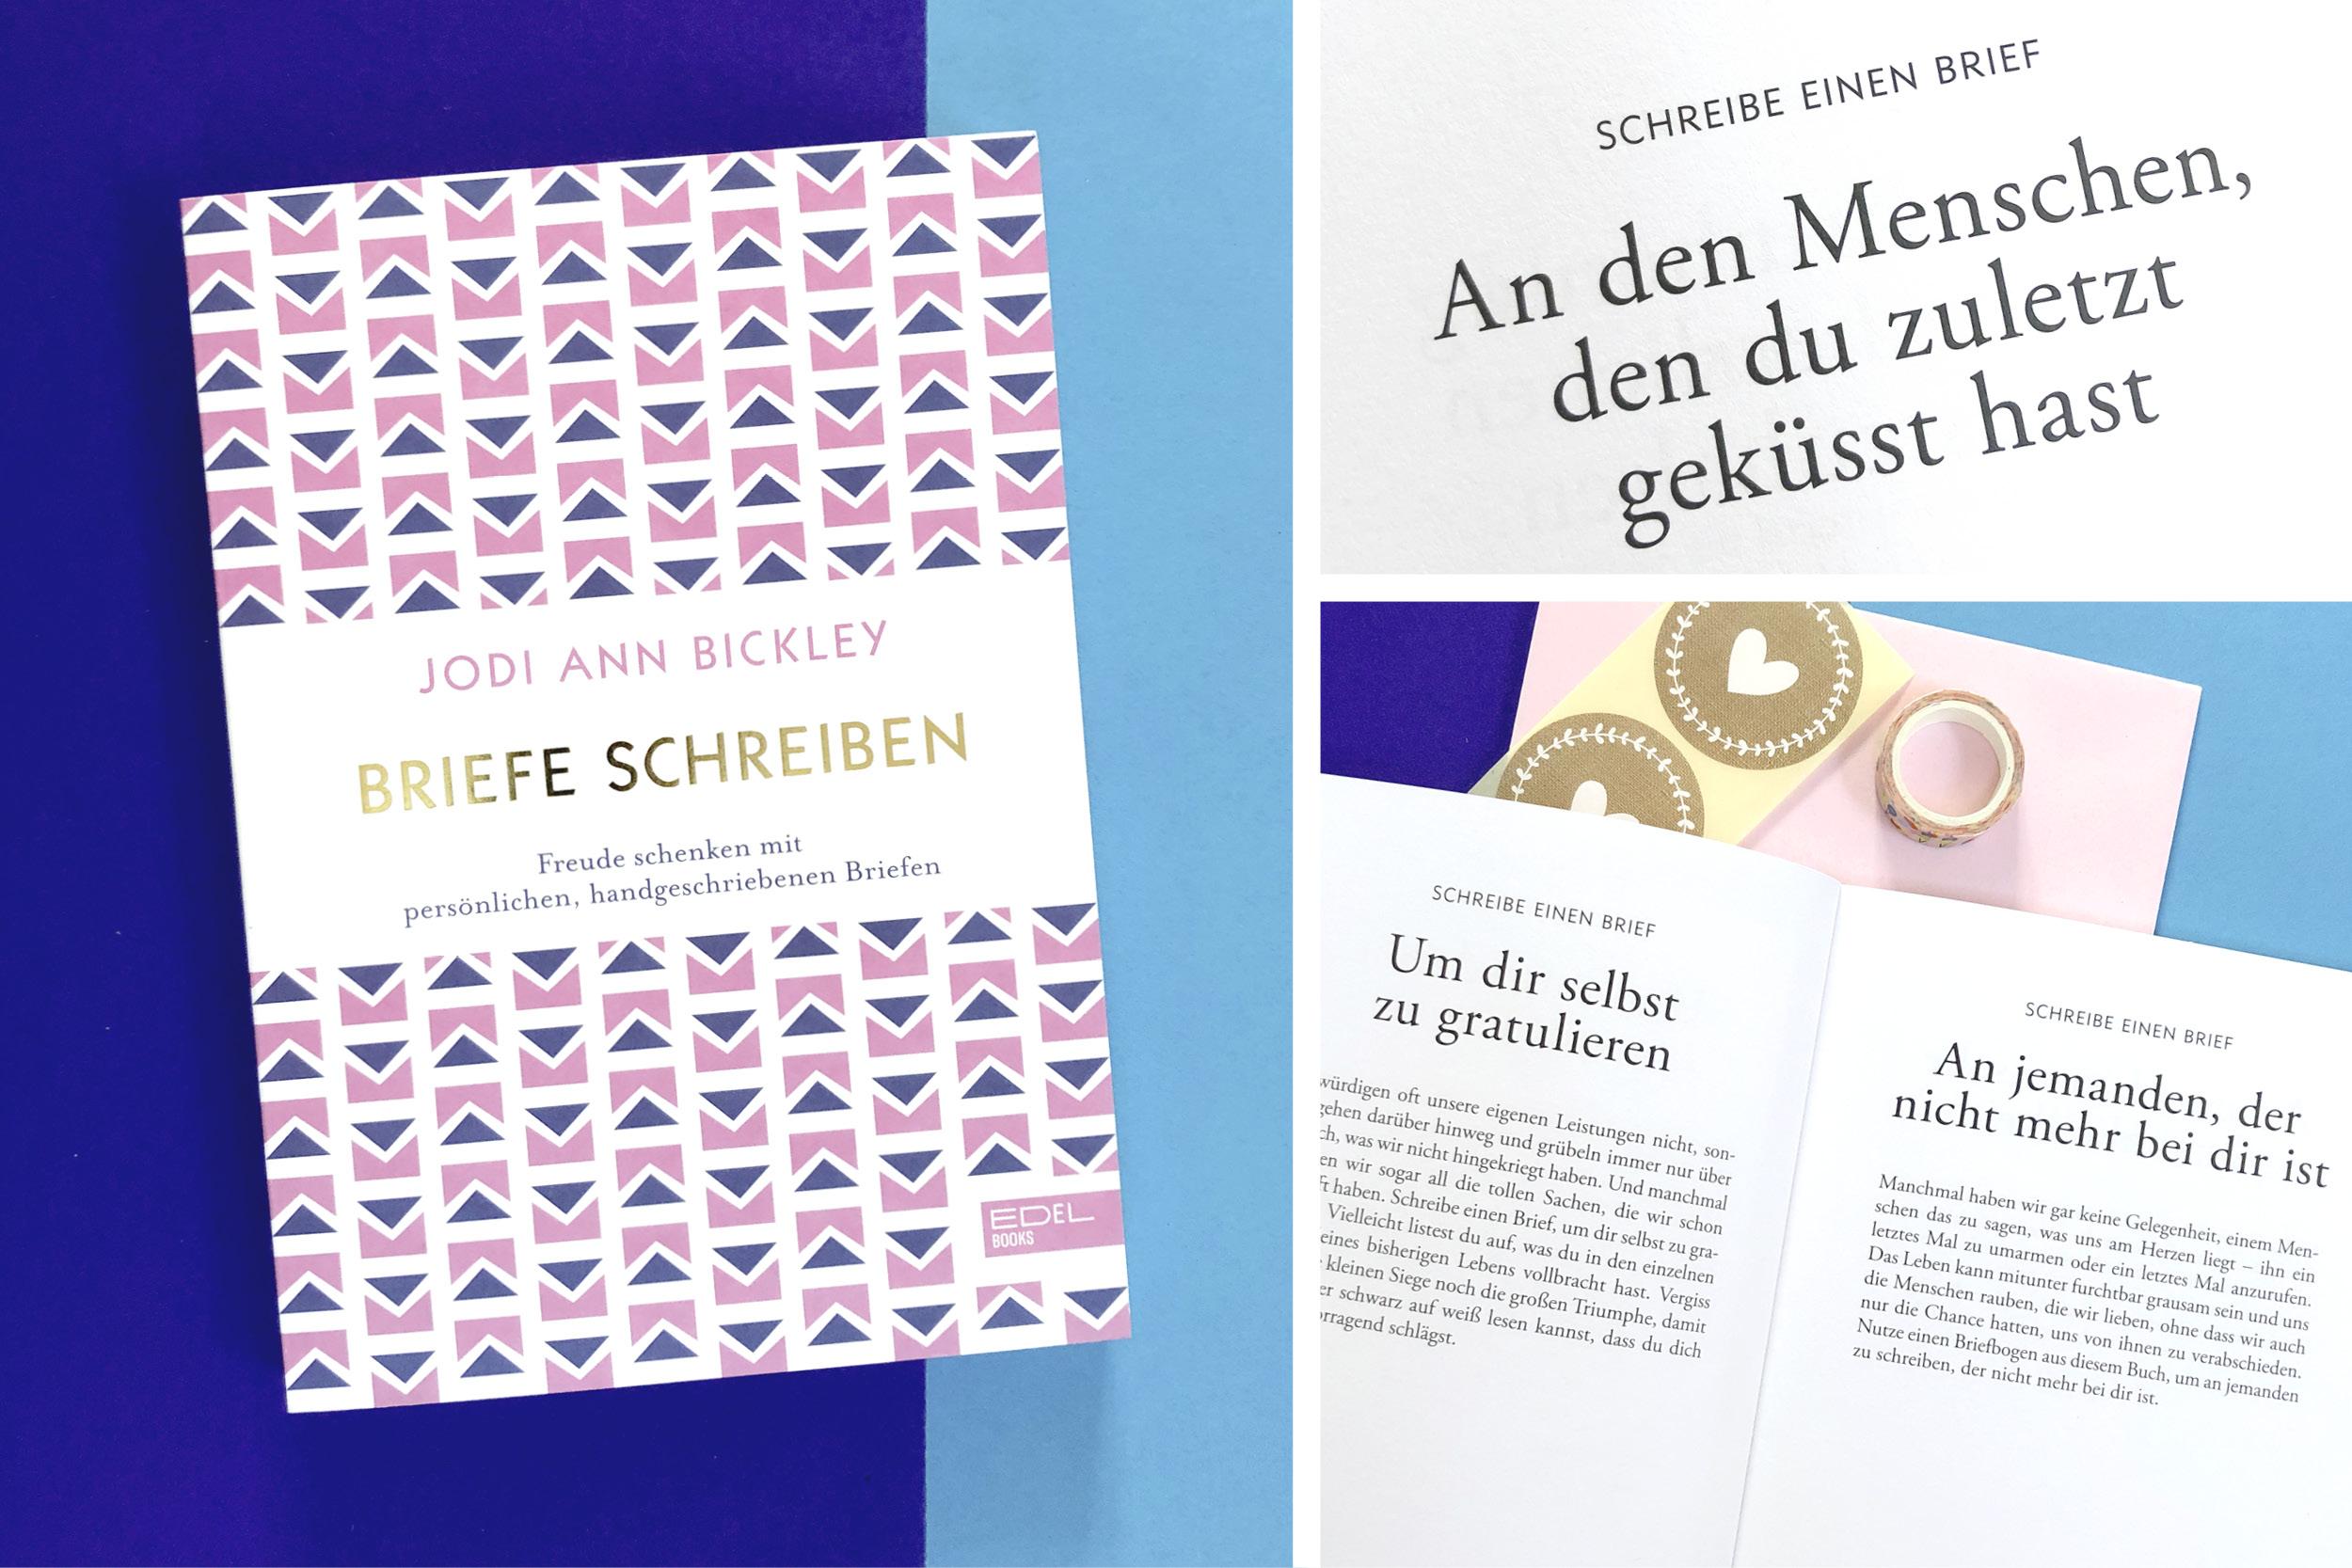 Briefe Schreiben Buch Edel Books